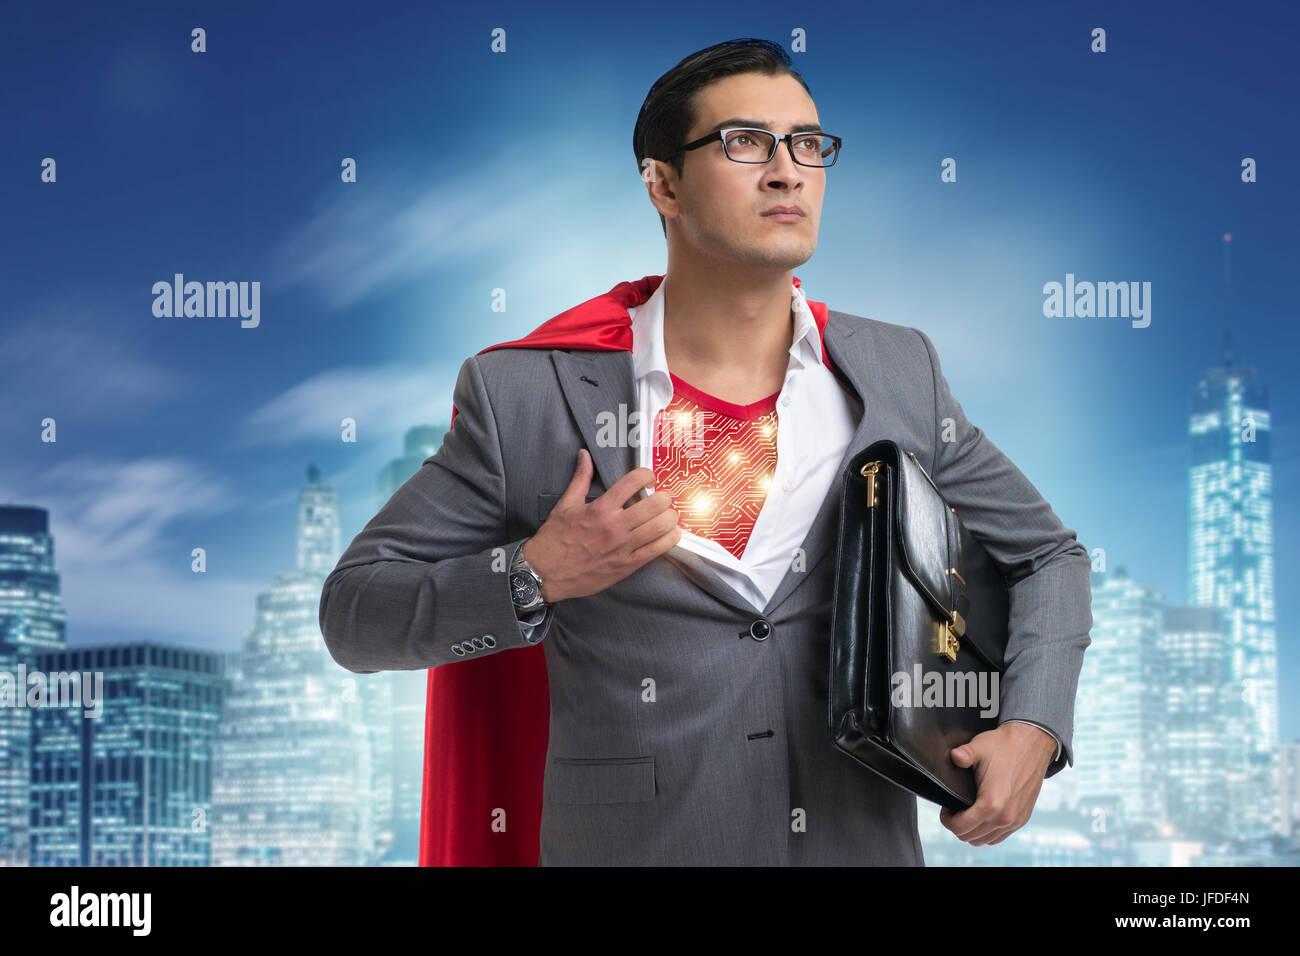 Superhero preparing to save the city - Stock Image